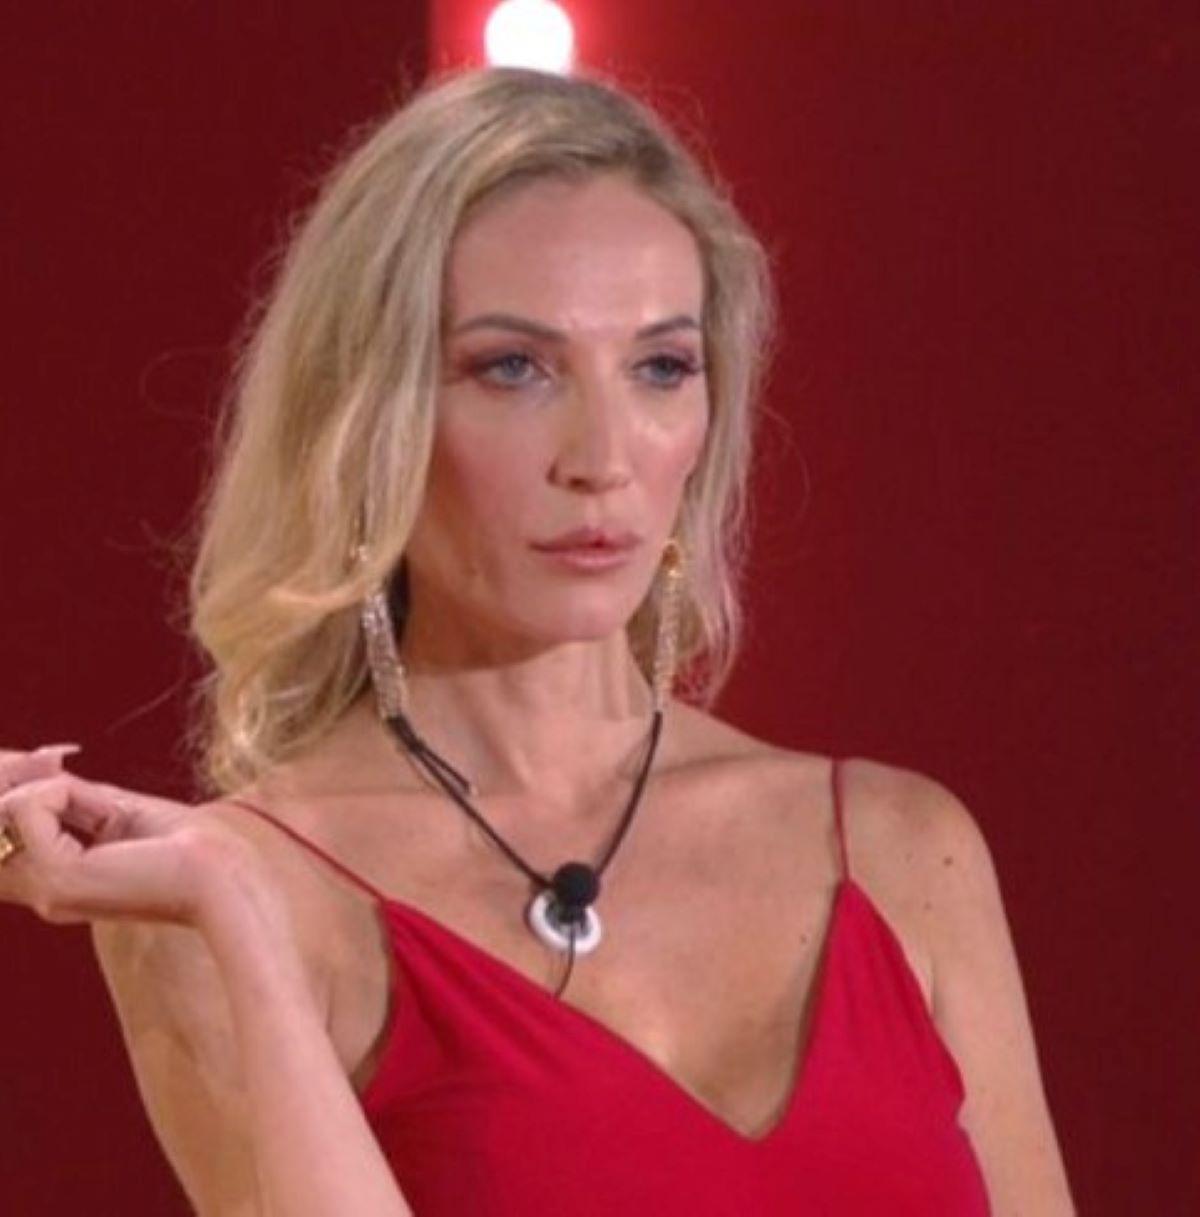 Soleil Sorge Imitazione Rapporto Sessuale Valentina Nulli Augusti Tommaso Eletti GF Vip 6